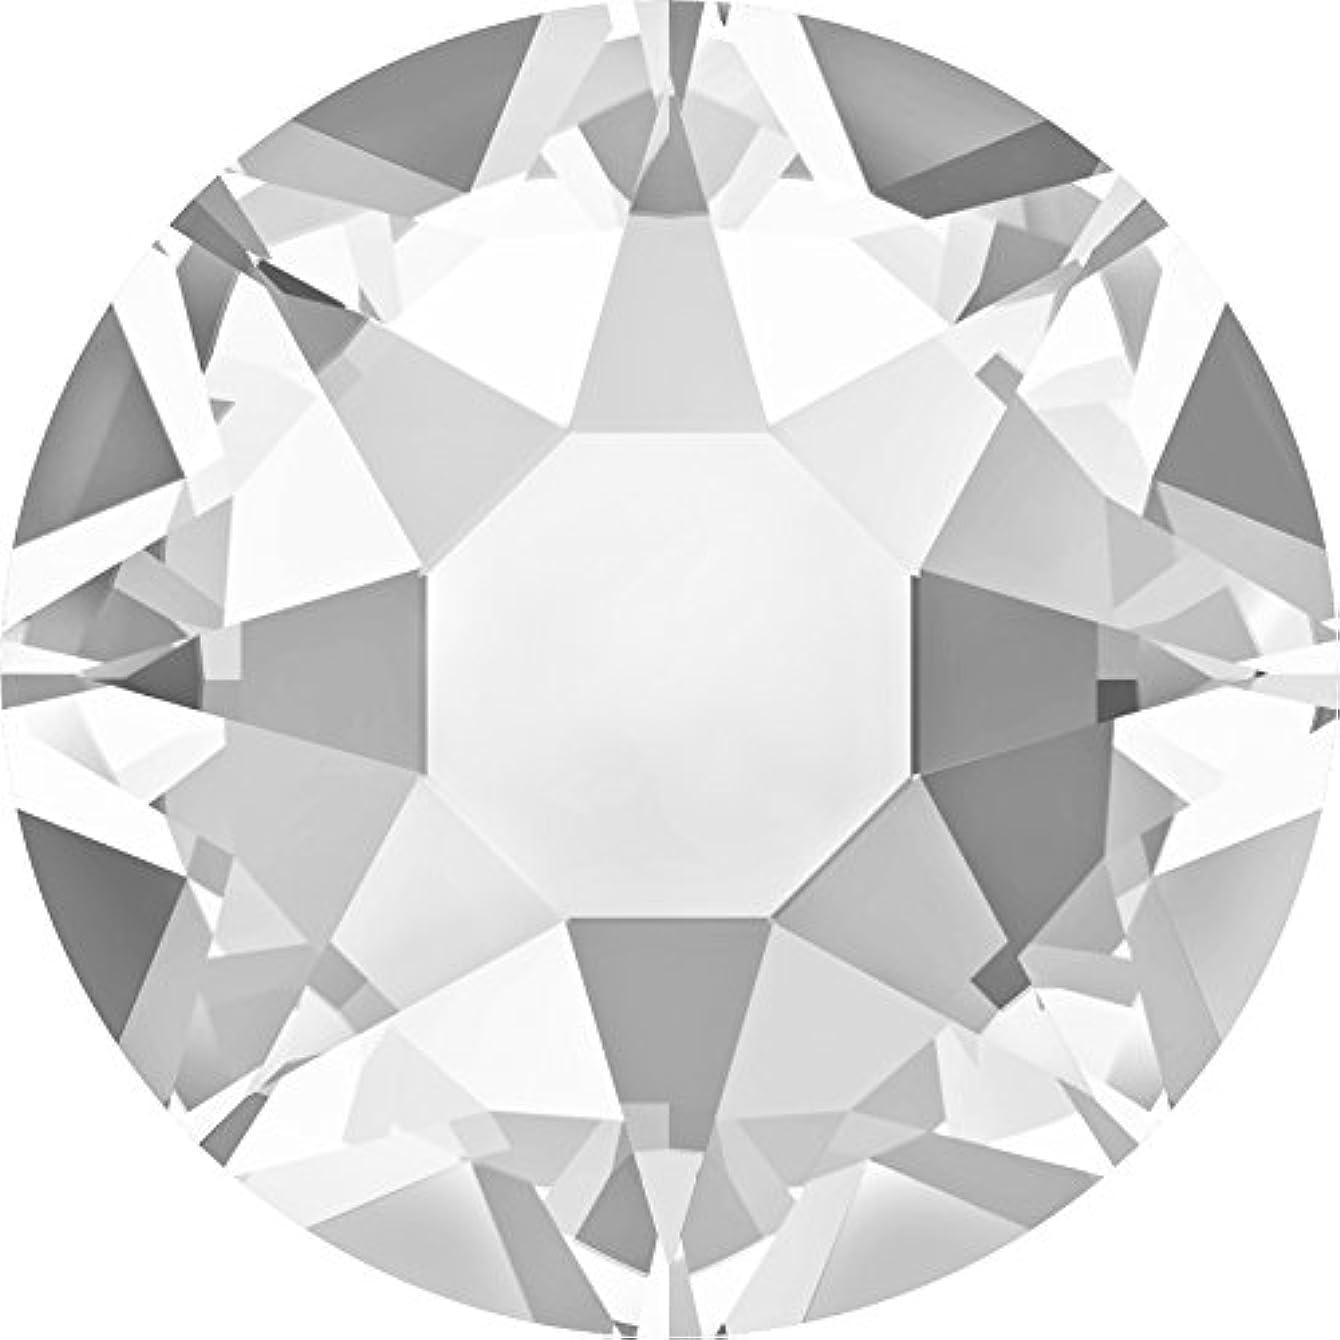 シプリー攻撃コンサルタントスワロフスキー(Swarovski) クリスタライズ ラインストーン 【ホットフィックス】布用スワロ (SS12(約3mm)40粒入, クリスタル)